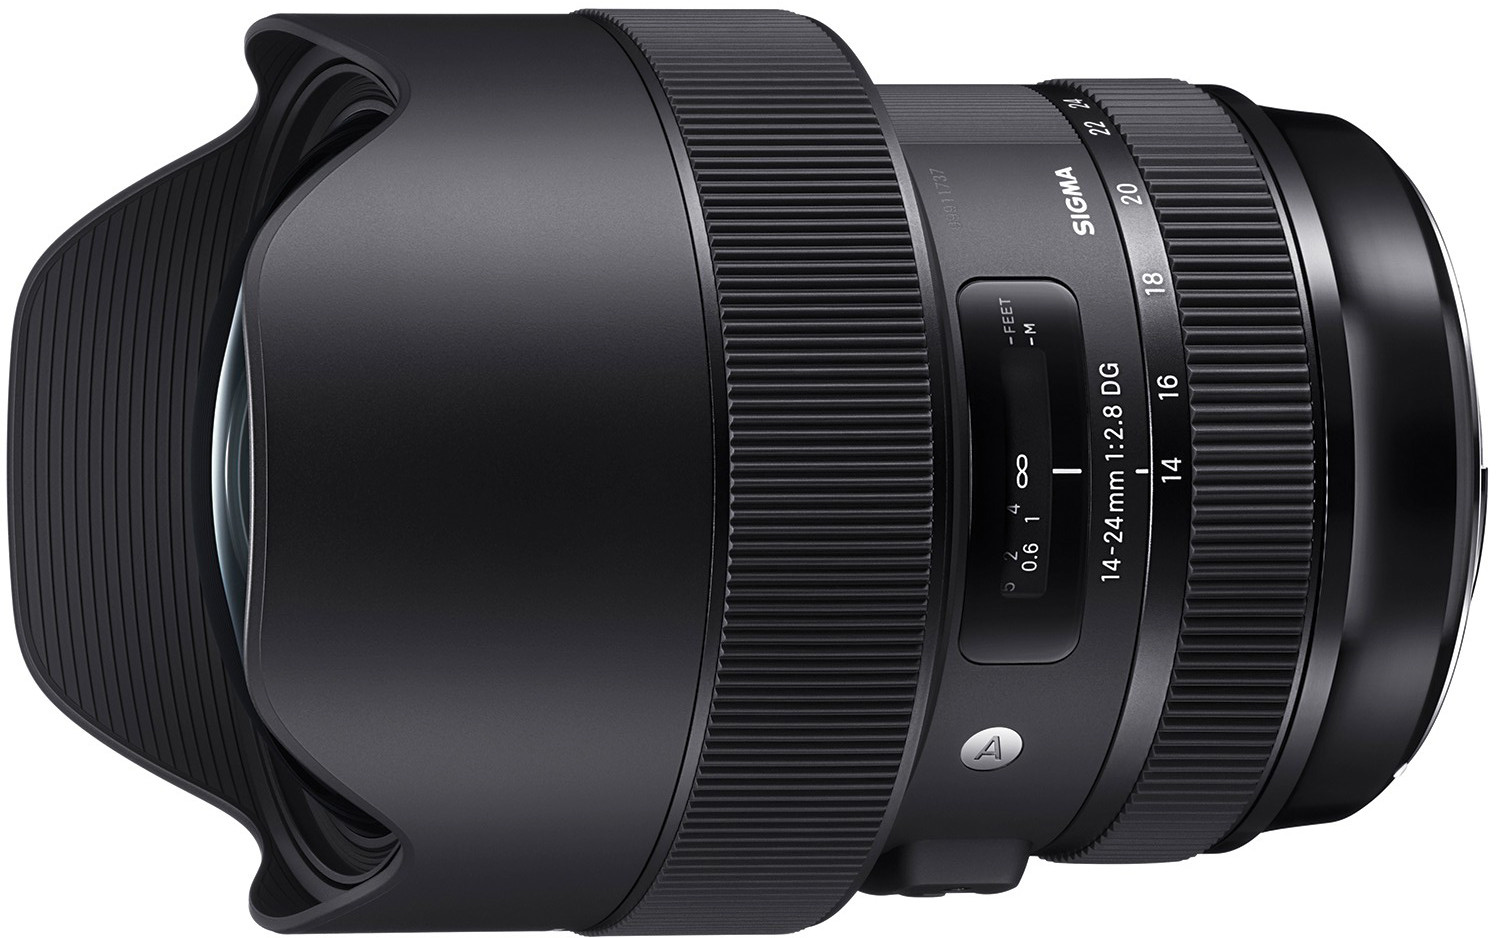 Sigma 14-24mm f/2.8 DG HSM Art objektiiv..